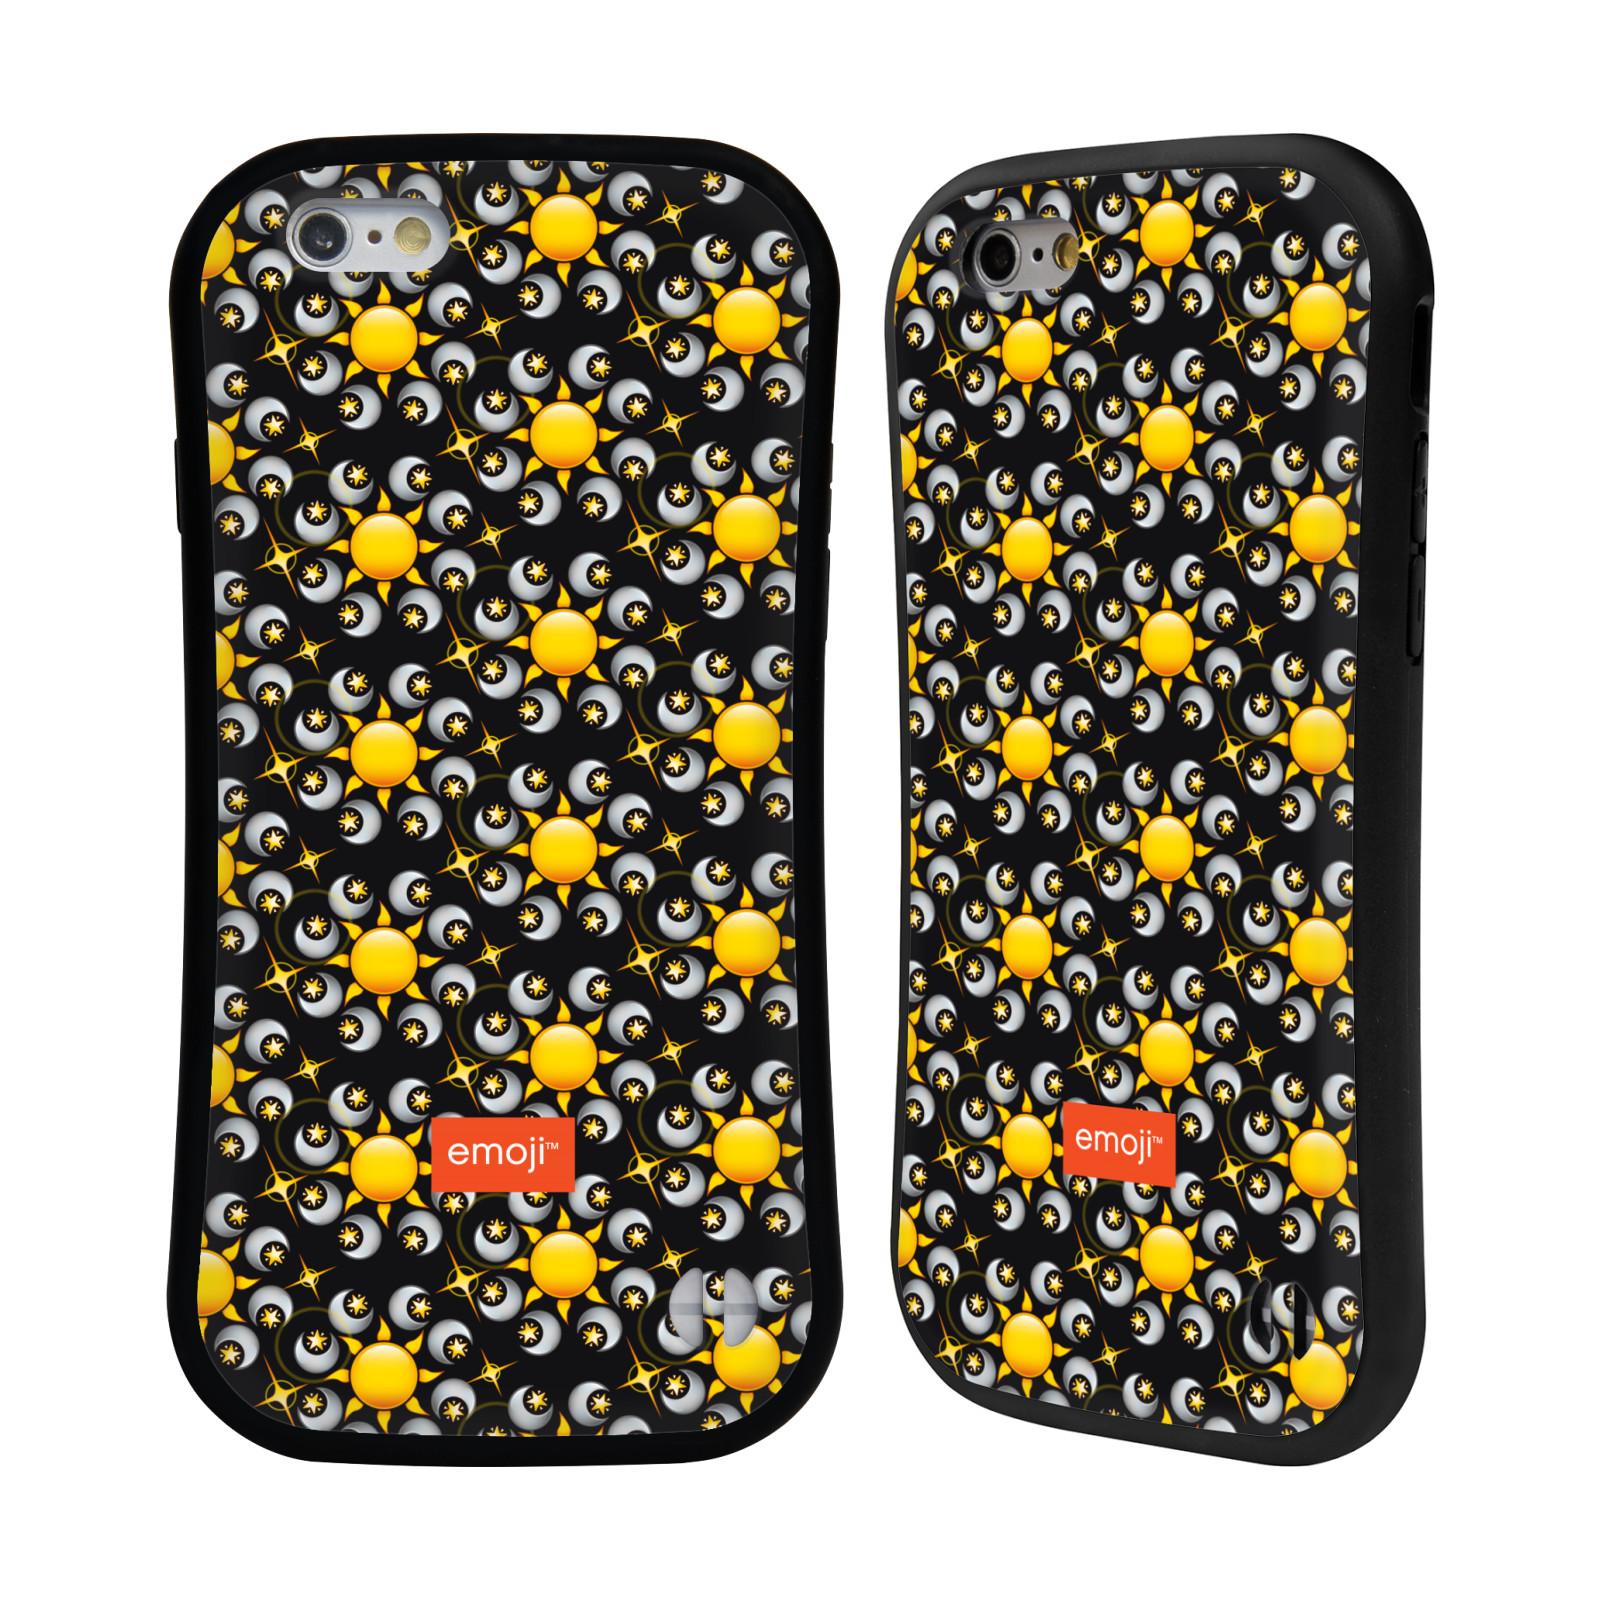 official emoji floral patterns hybrid case for apple